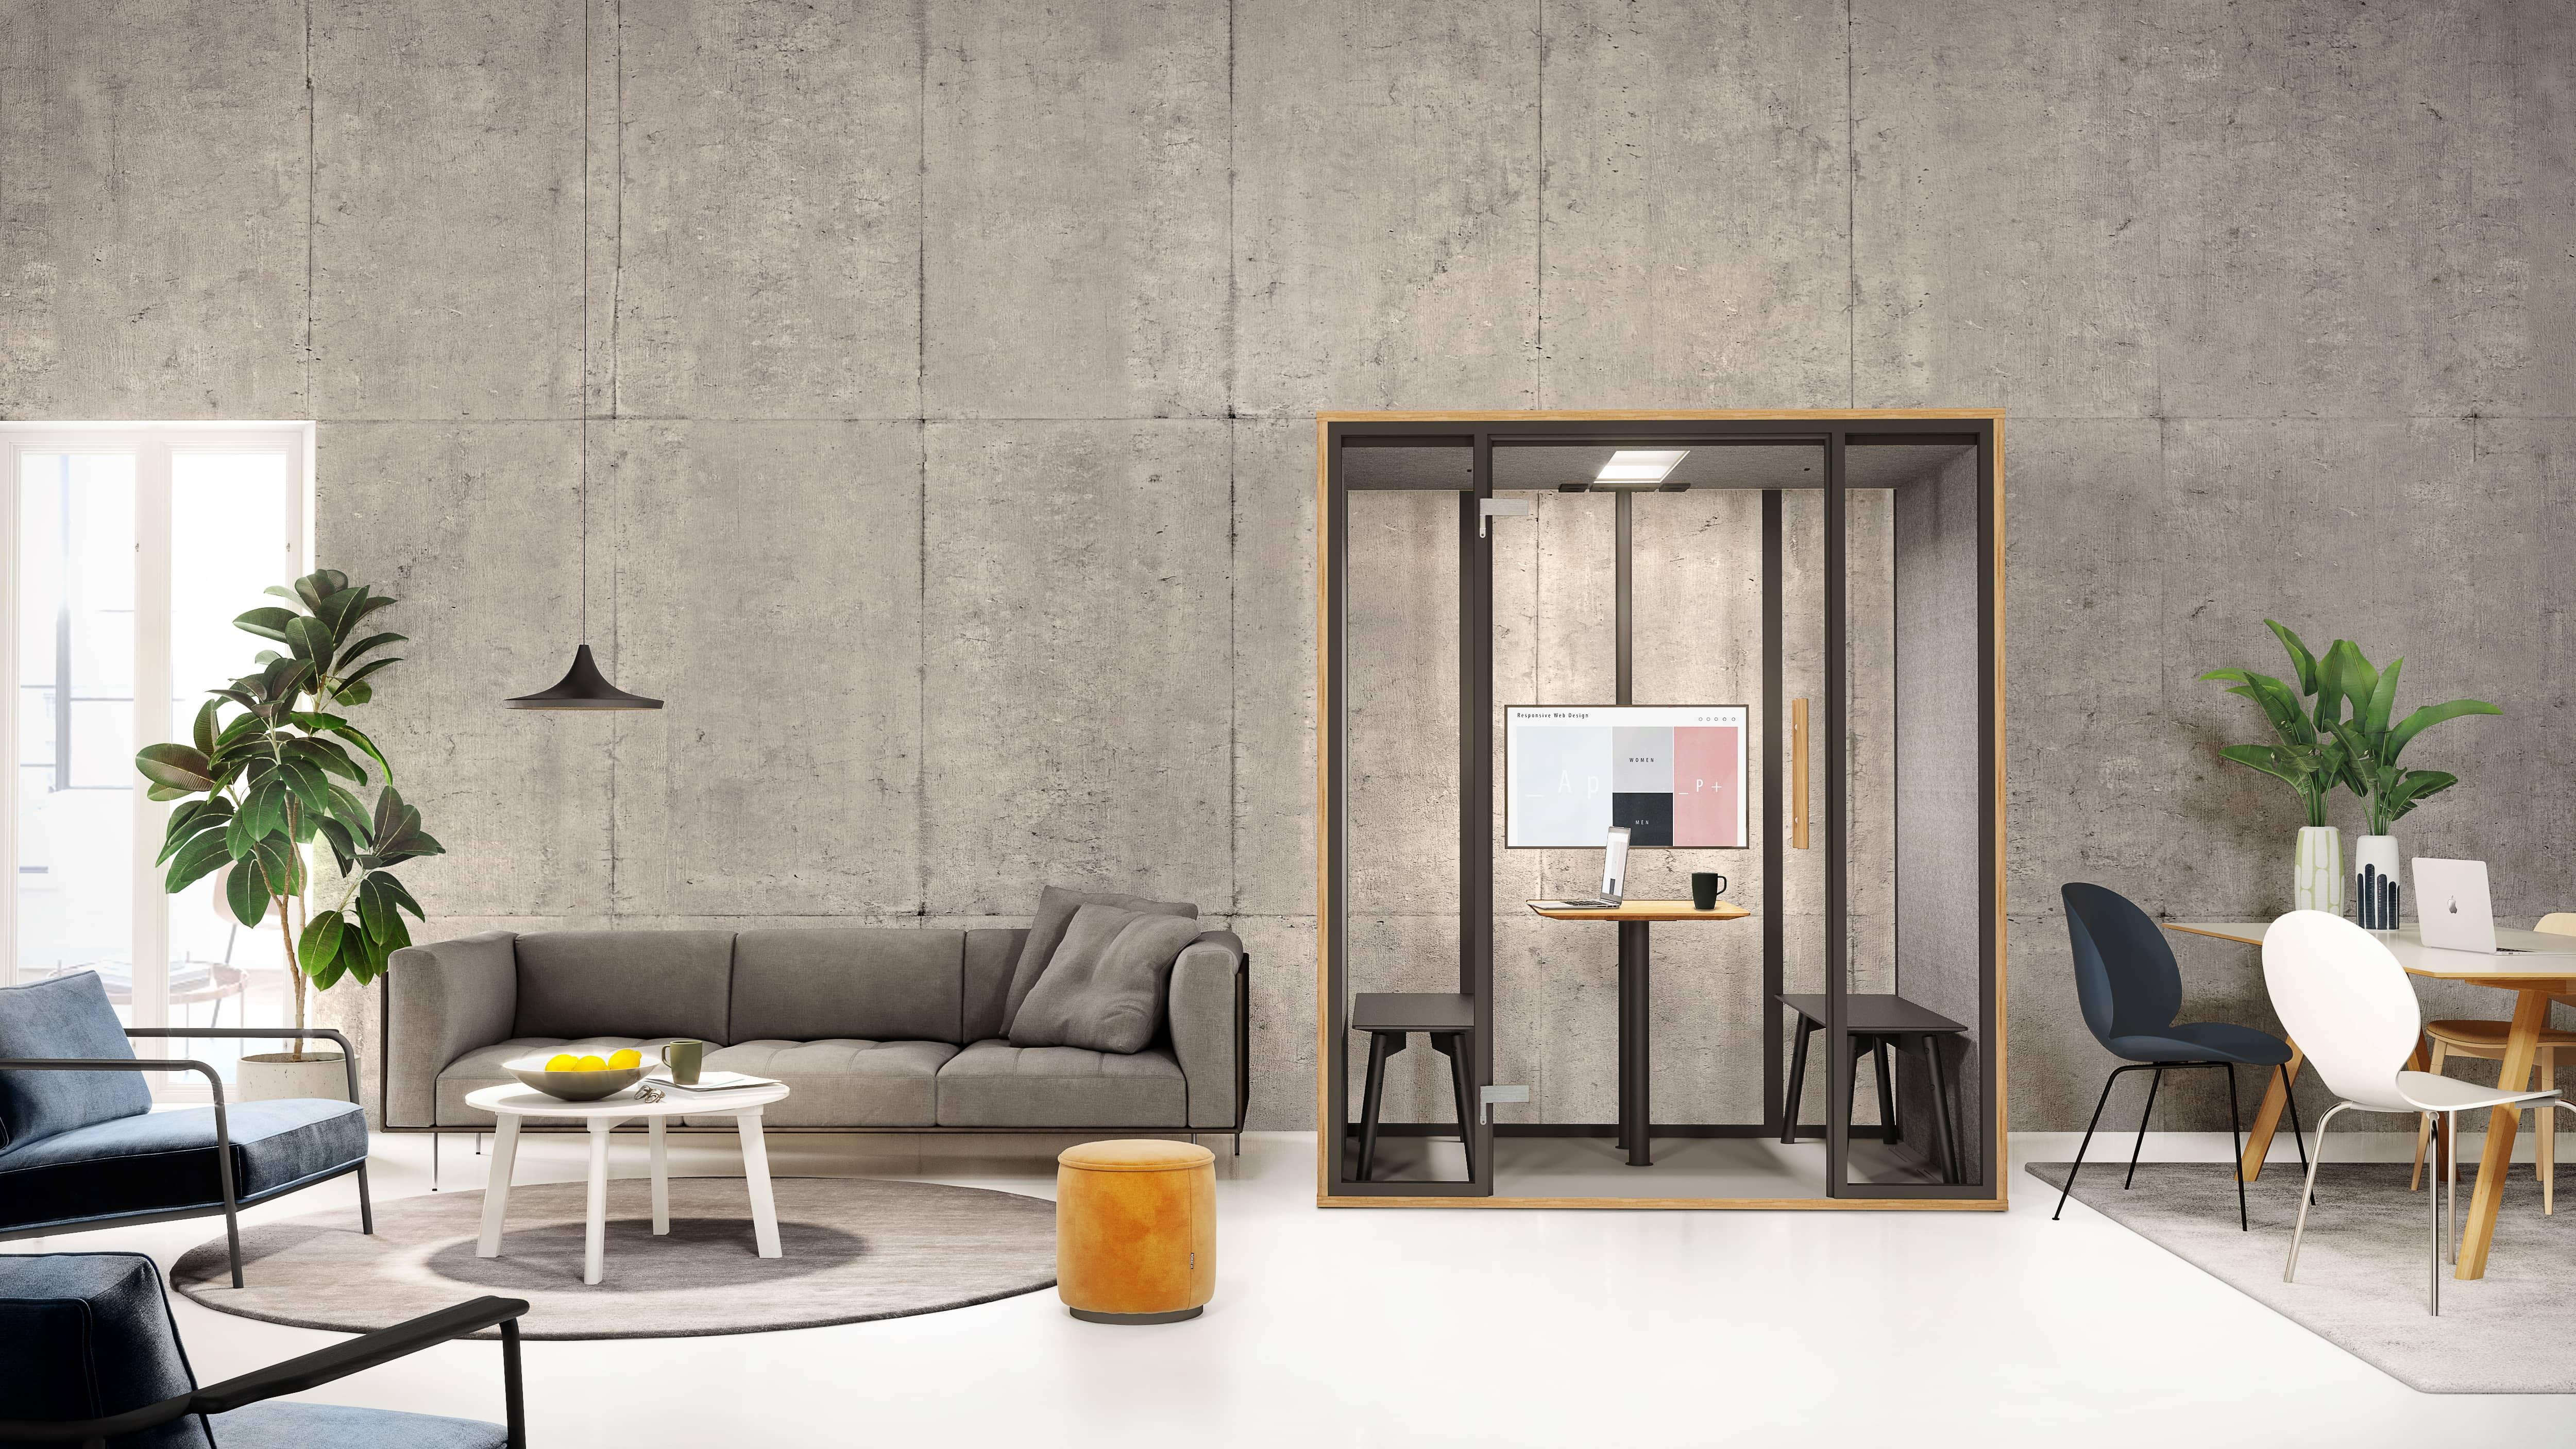 Eine leers Büro mit Stühlen, Sofa und einem Raum in Raum System.